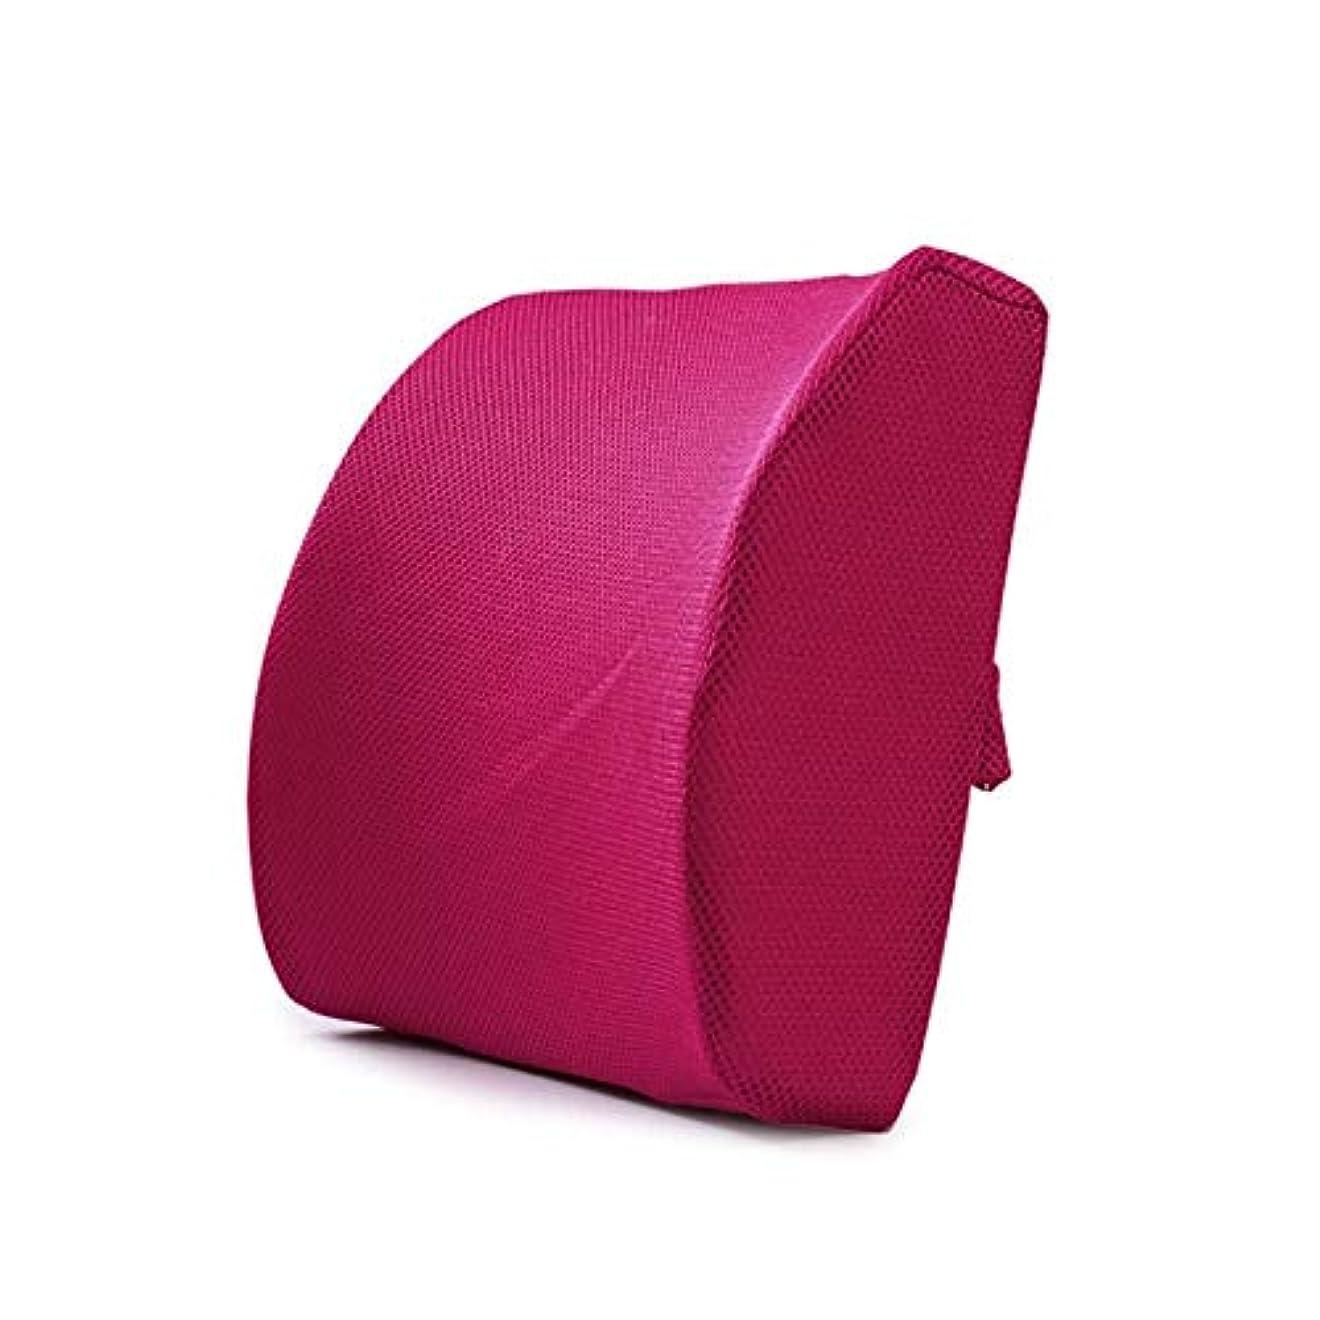 発送米国ラベンダーLIFE ホームオフィス背もたれ椅子腰椎クッションカーシートネック枕 3D 低反発サポートバックマッサージウエストレスリビング枕 クッション 椅子